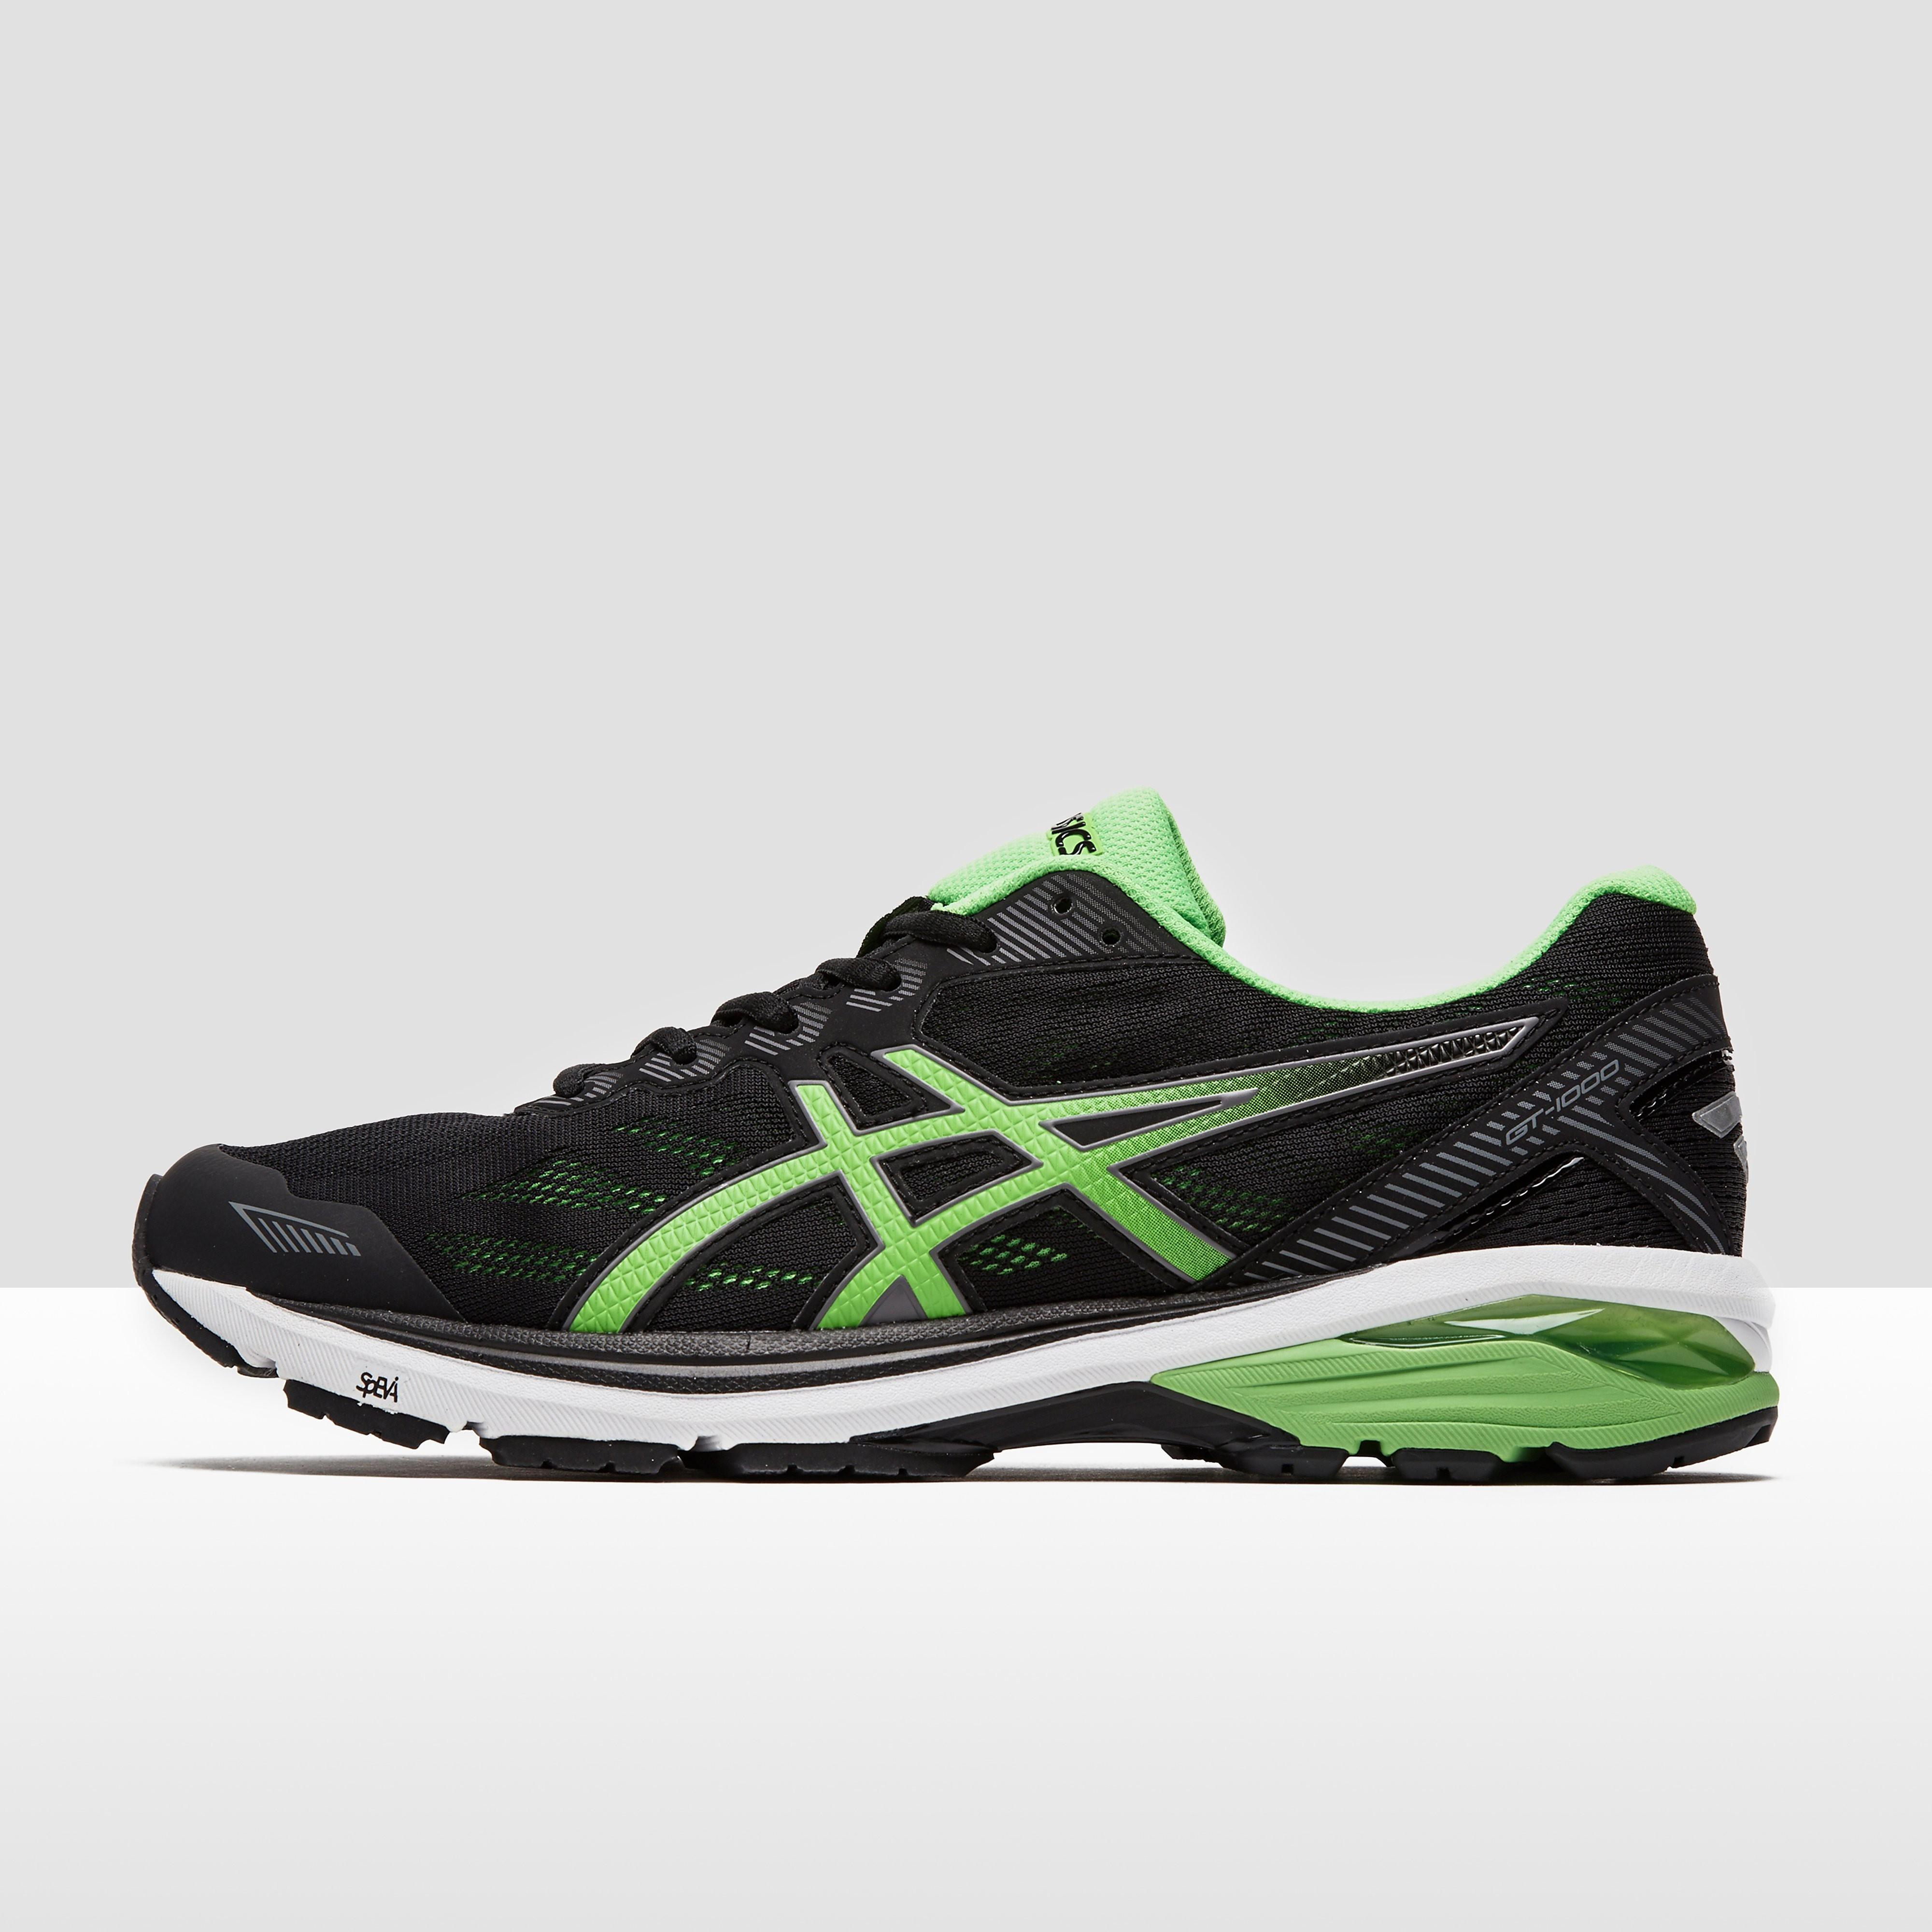 Asics Men's GT- 1000 v5 Running shoes